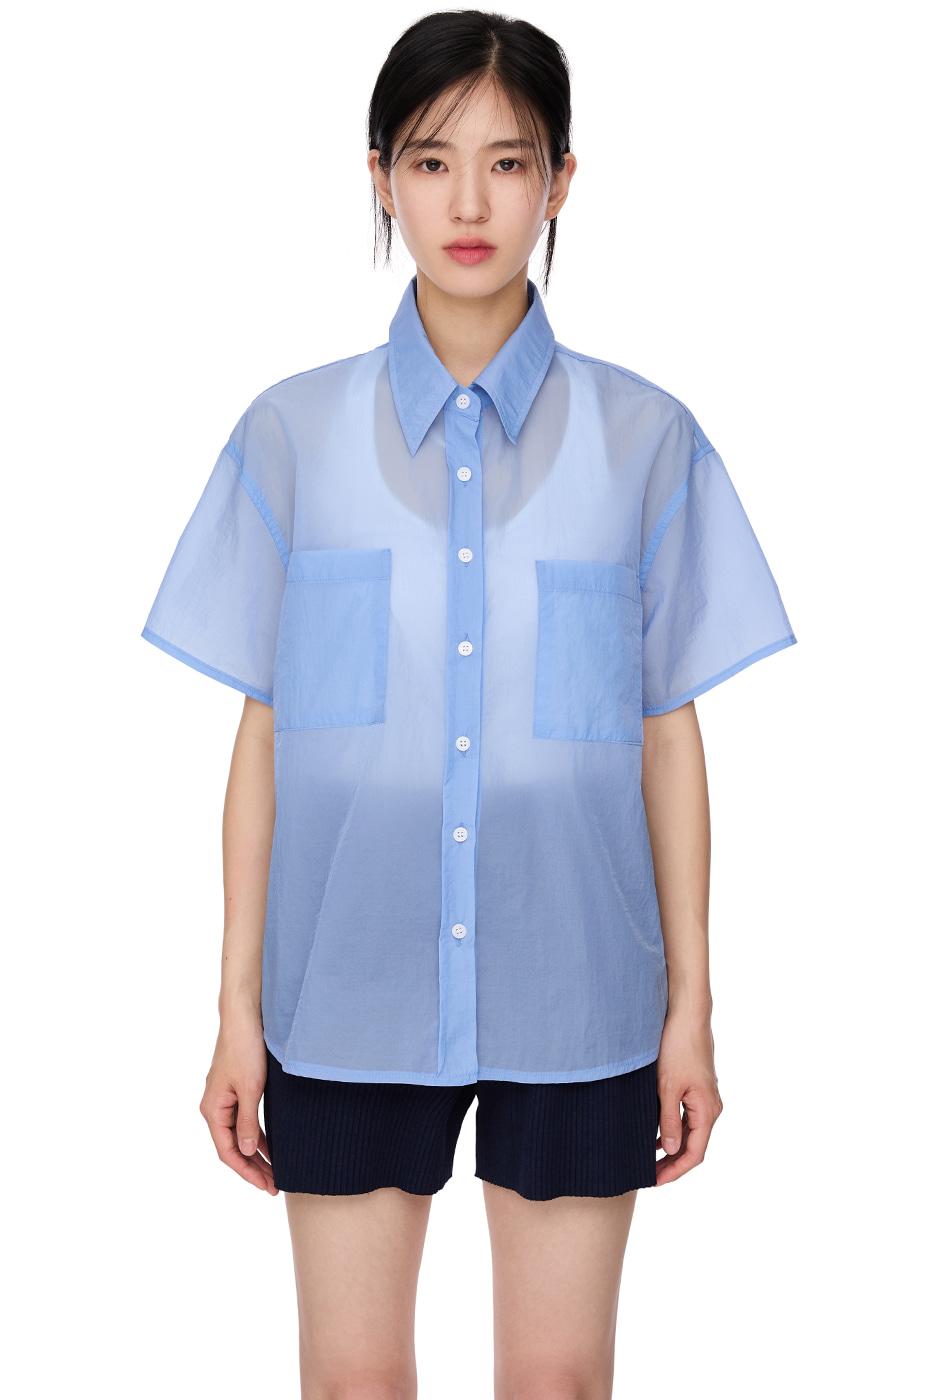 Casper nylon shirt